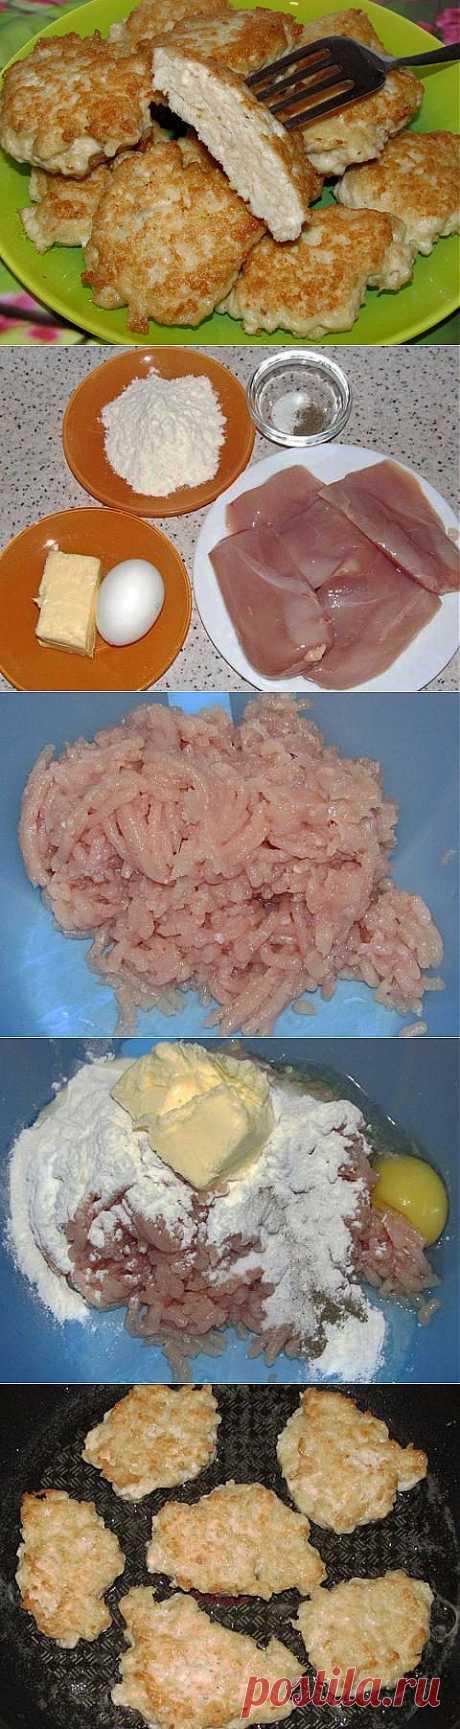 Быстрый ужин: Куриные оладьи.